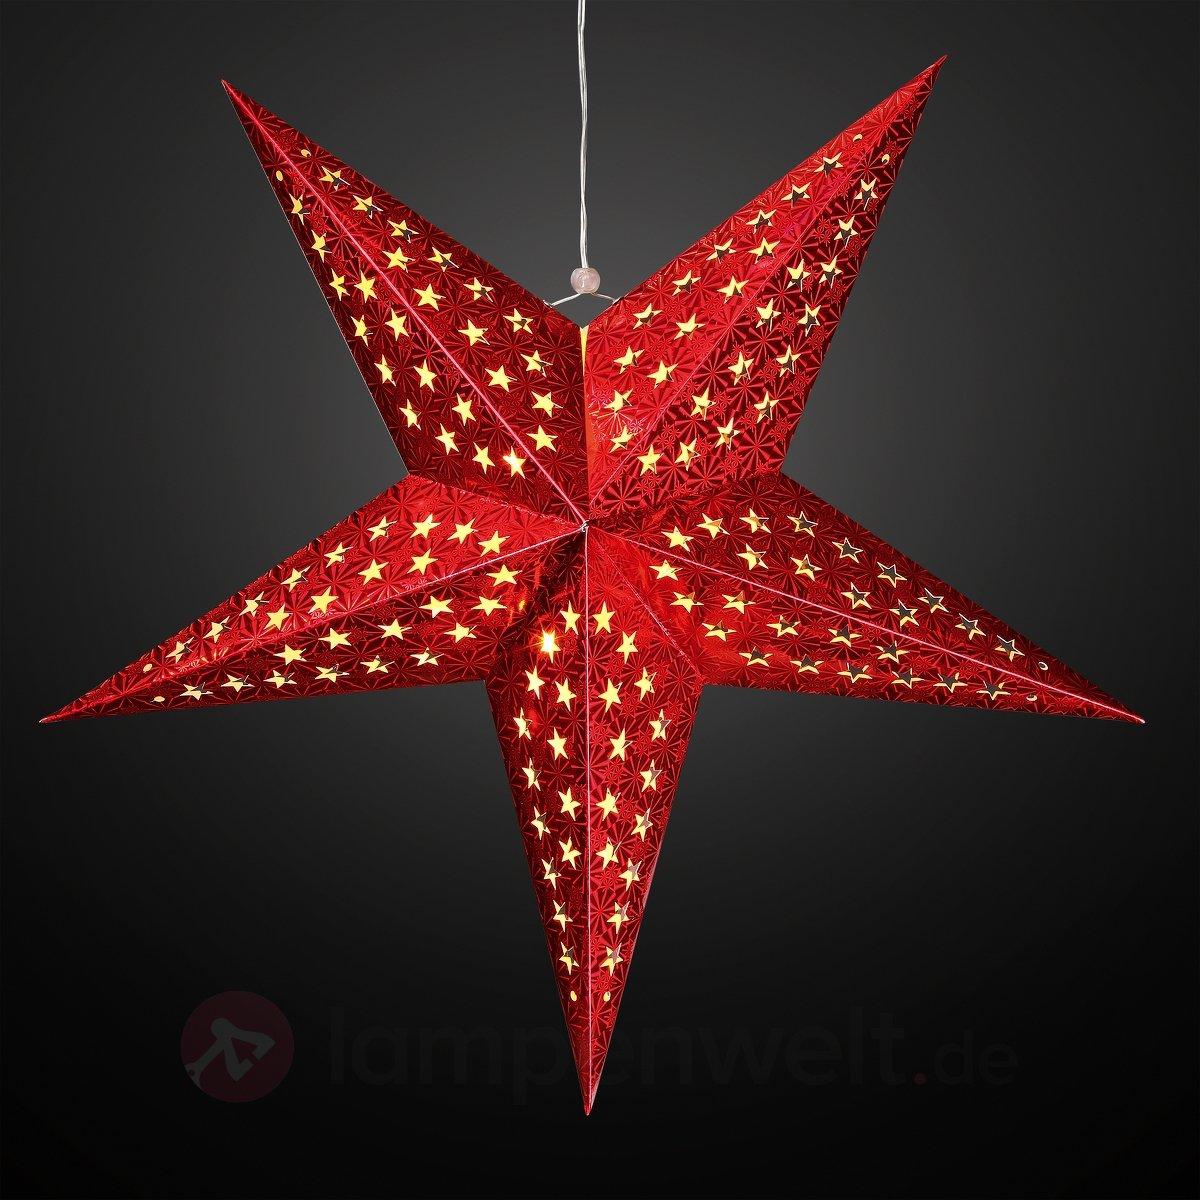 Fenstersterne Mit Beleuchtung | Stern Leuchtstern Gold Rot Papierstern 40 Cm Holografiefolie